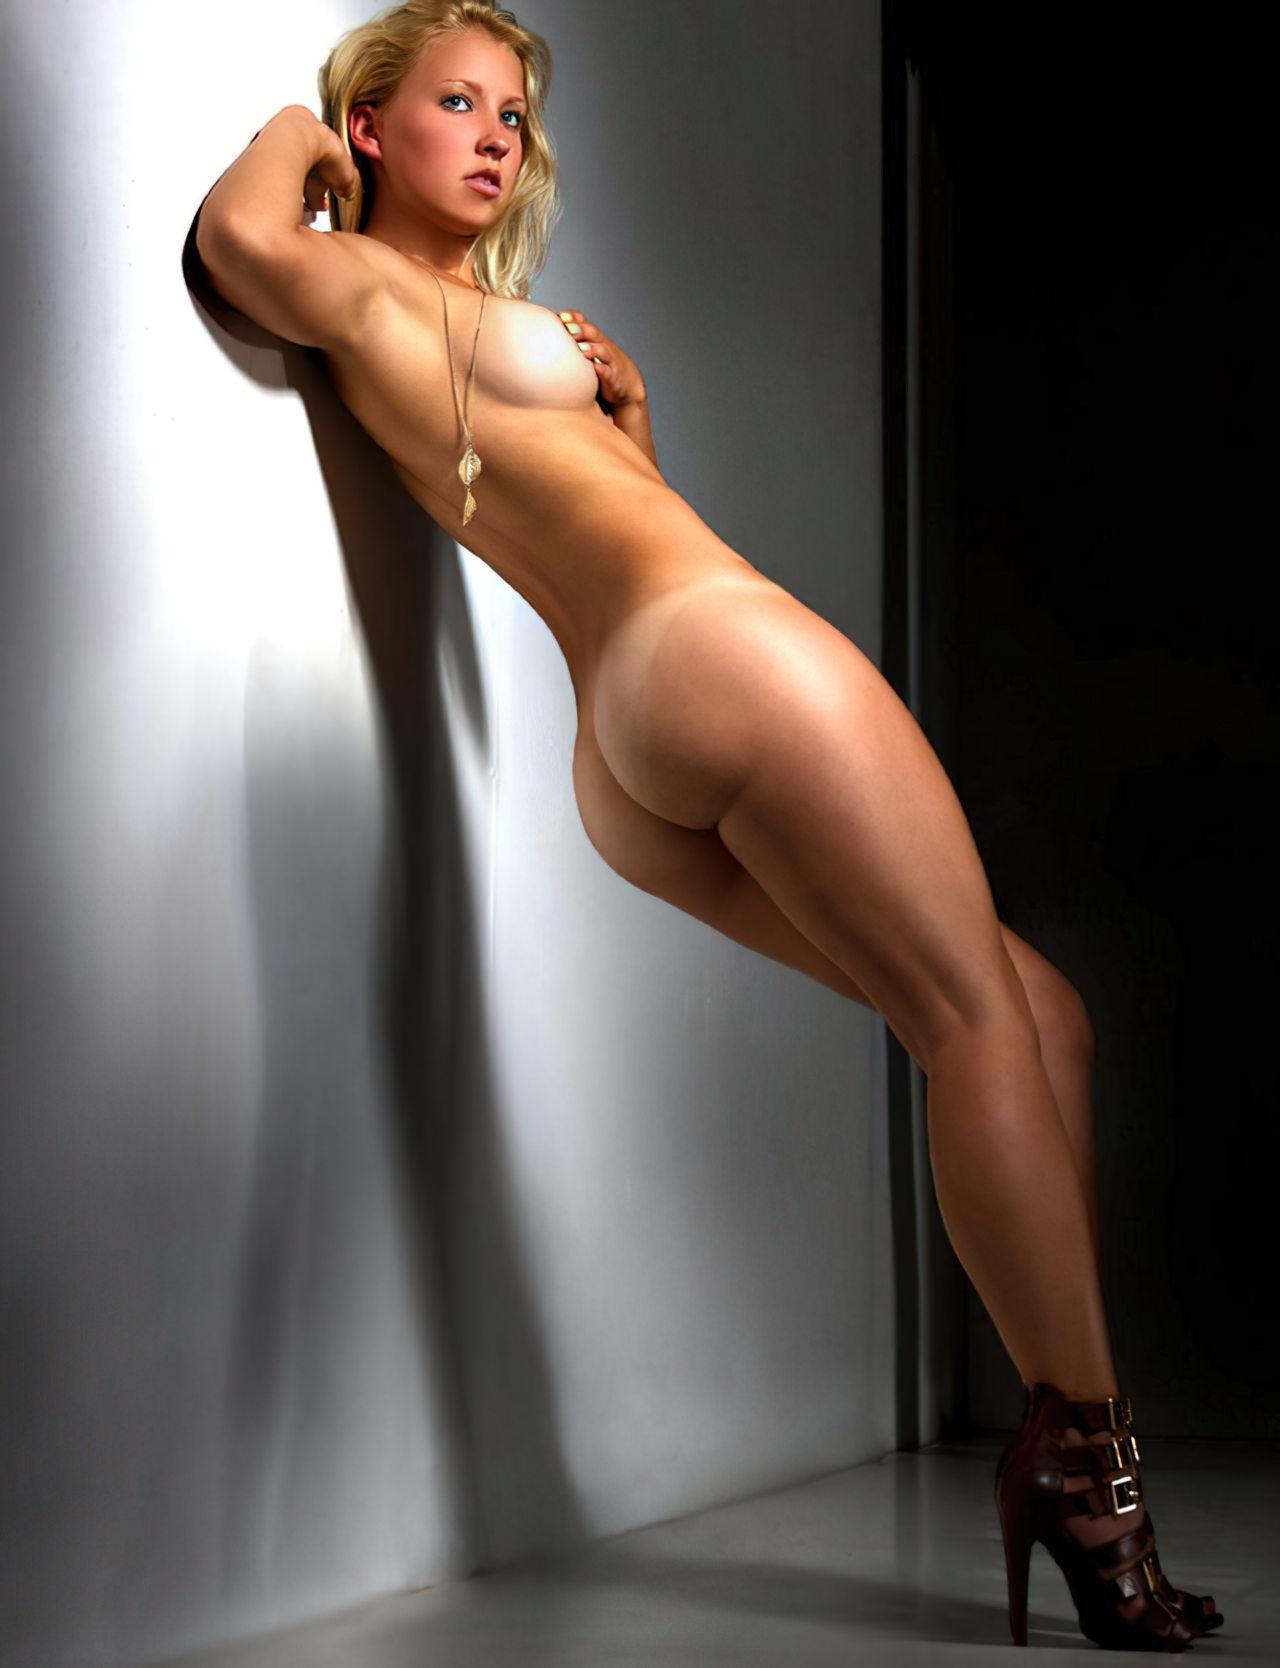 Mulher Pelada (43)